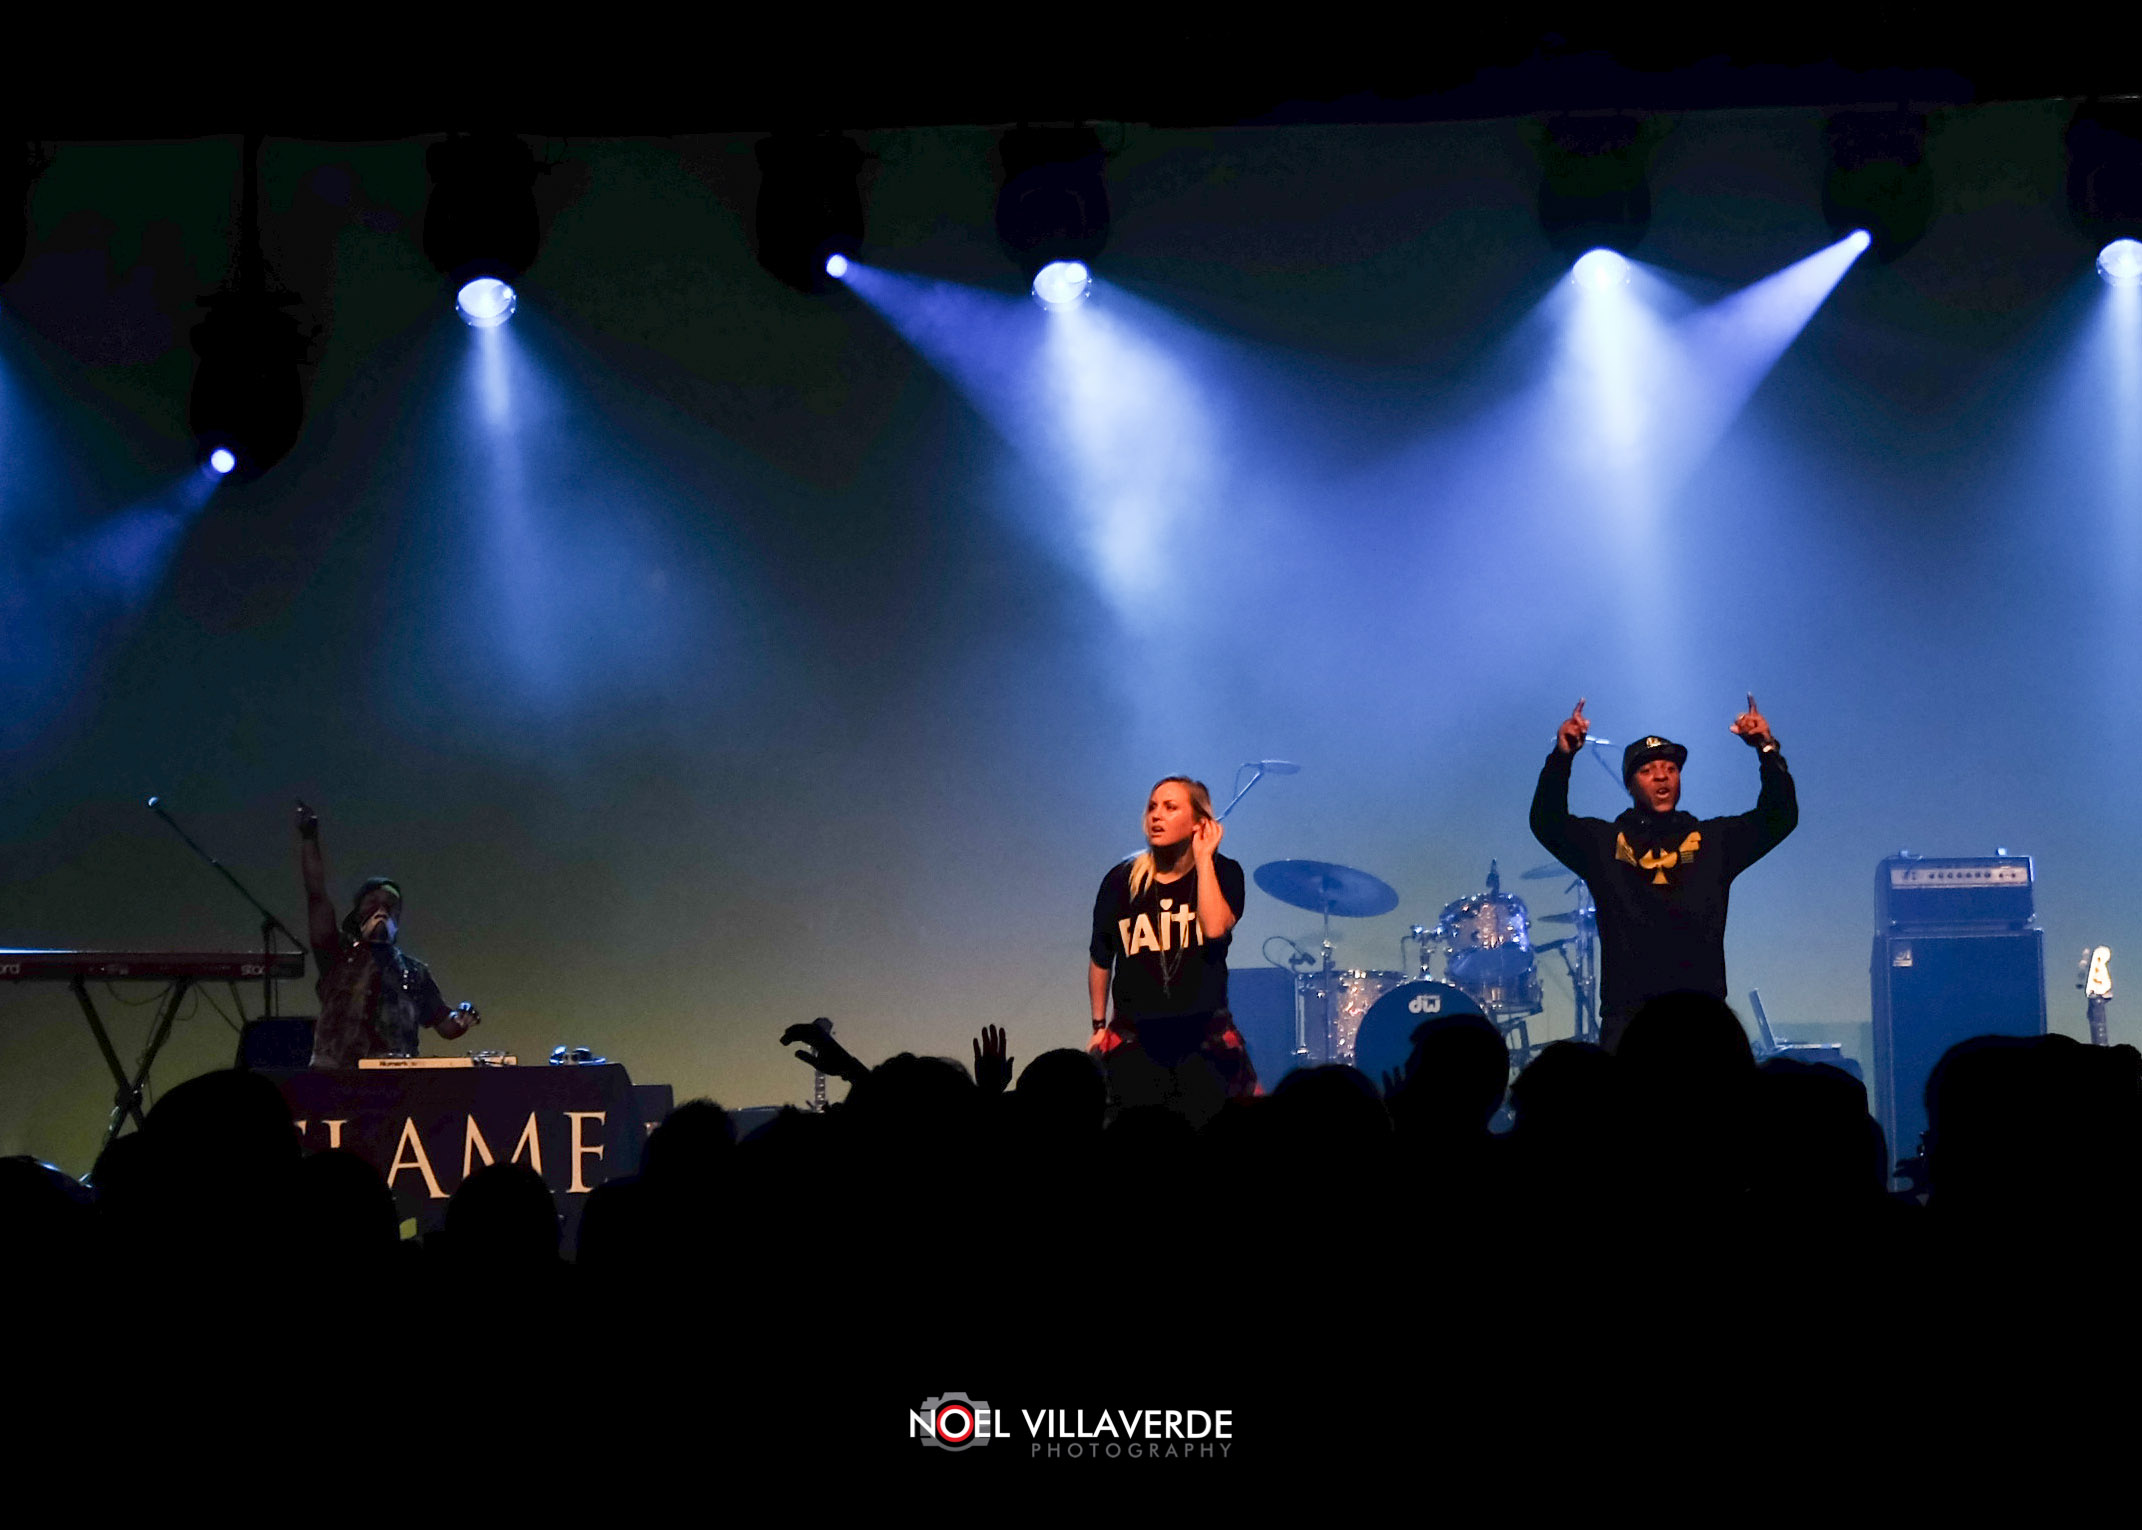 Ignition_Concert-41.jpg